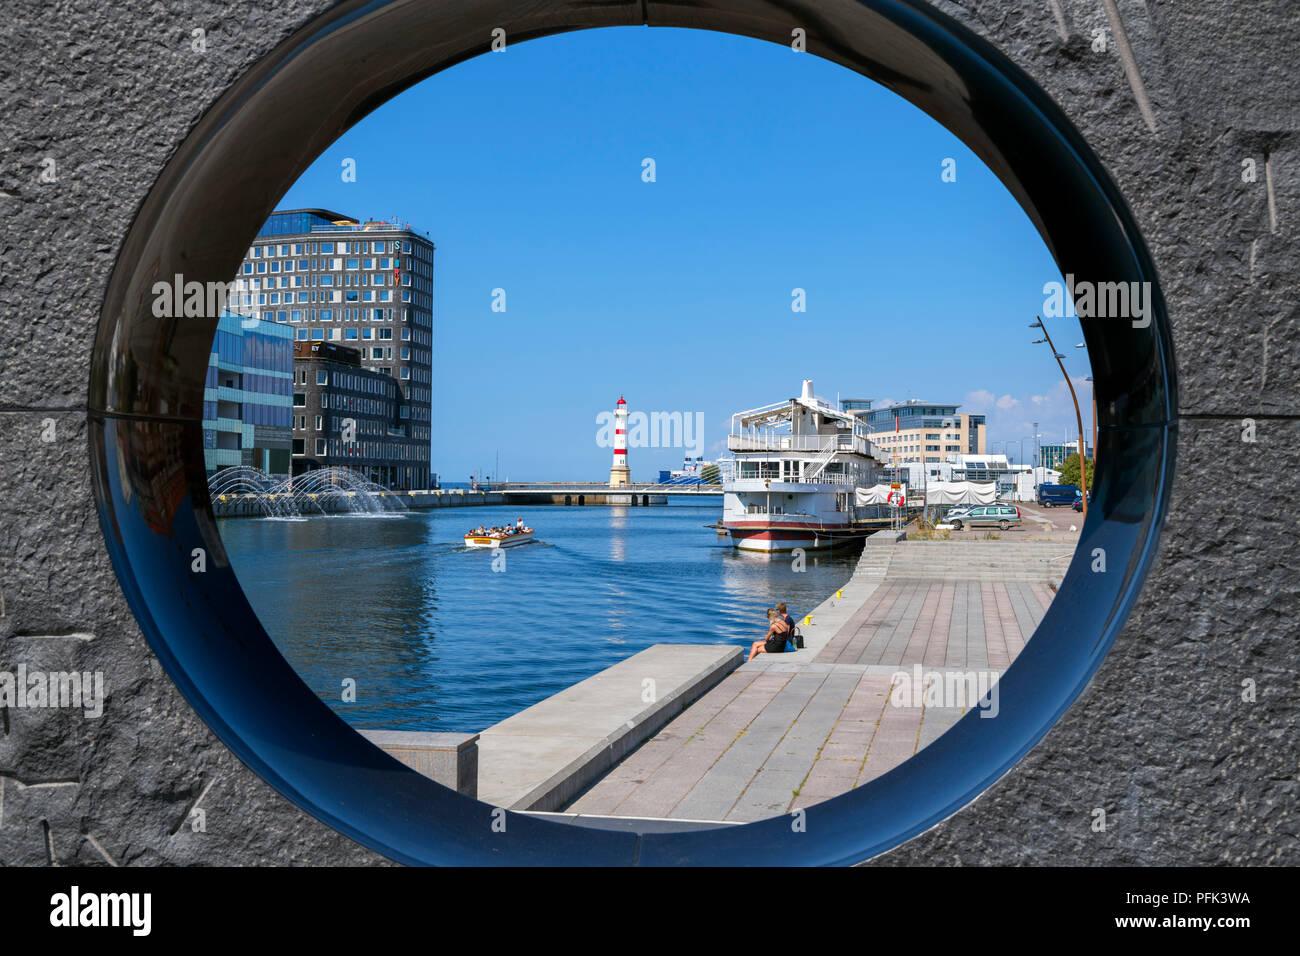 Malmö, Suecia. Harbour vistos a través de una escultura en la costanera, Malmo, Scania, Suecia Imagen De Stock